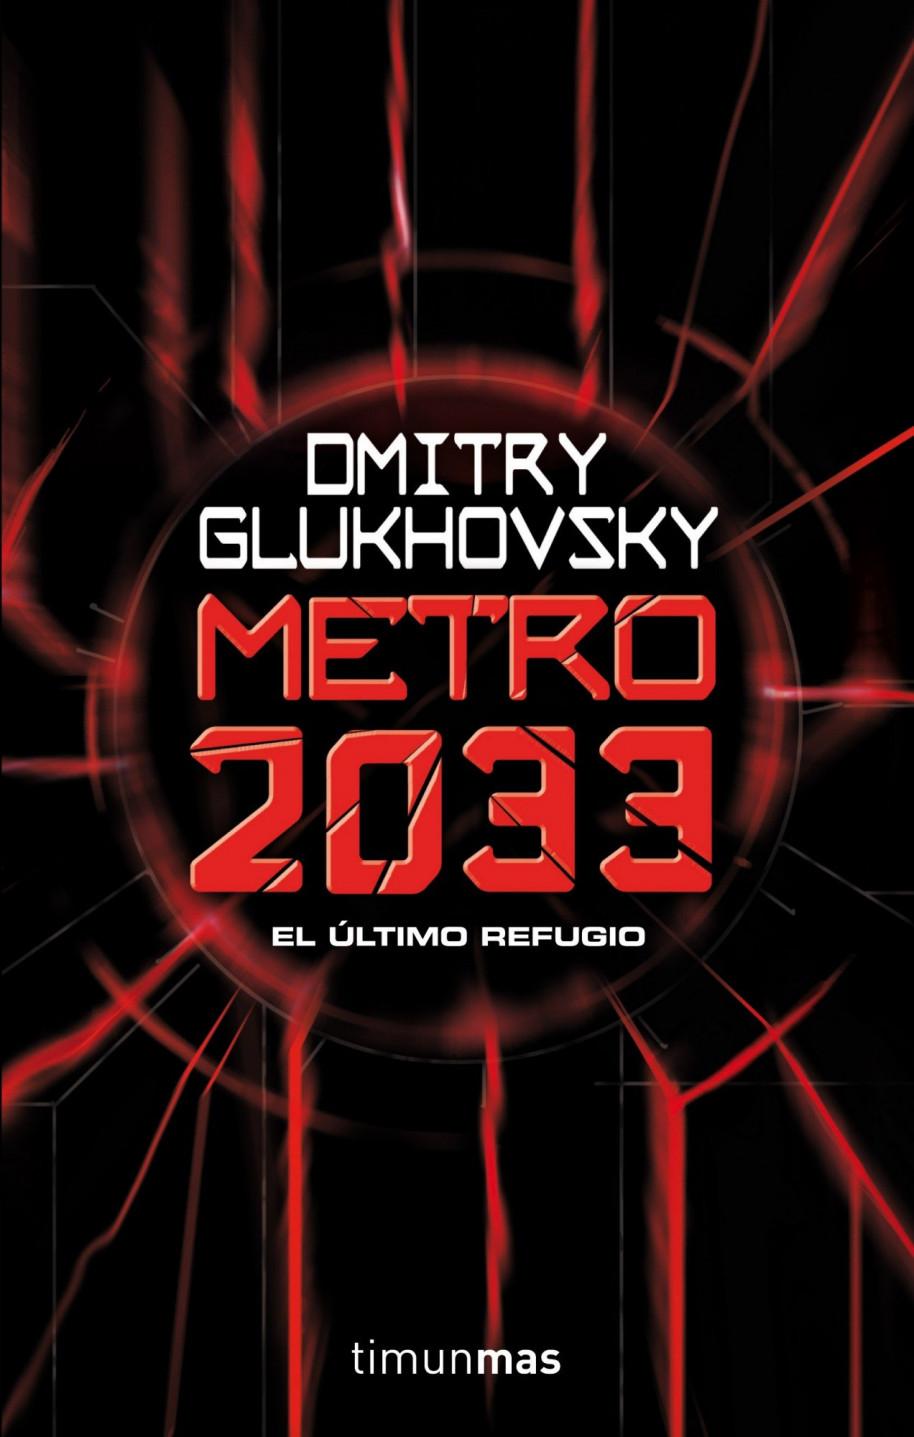 El videojuego se basó en la obra de Dmitri Glujovski, Metro 2033, que fue publicada online en el año 2002.